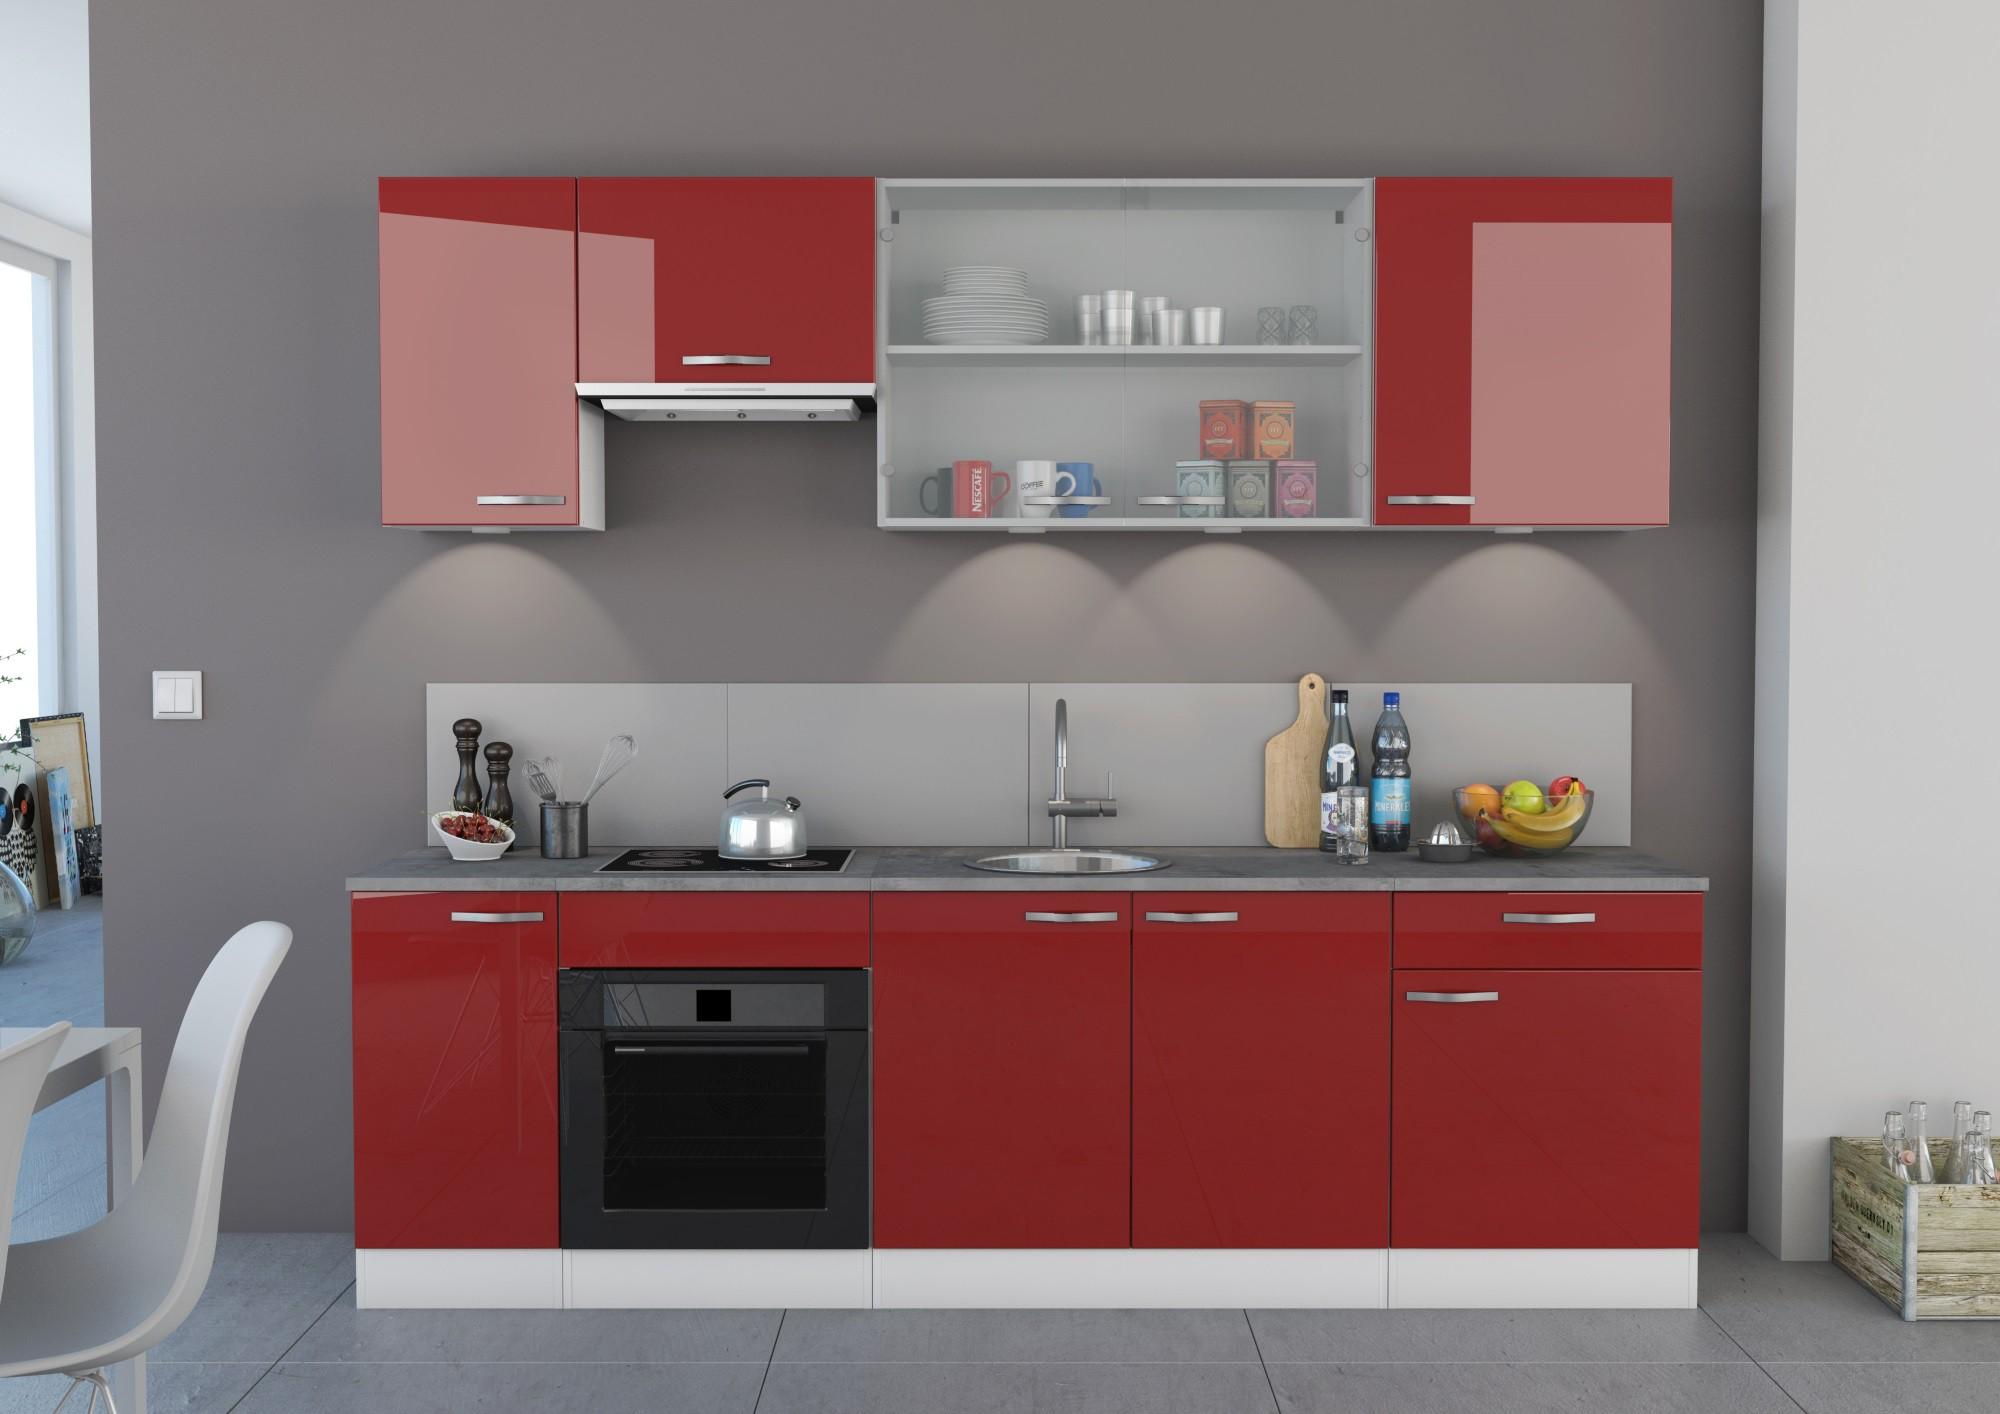 Meuble De Cuisine Campagne Maison Et Mobilier Dintérieur - Meuble de cuisine rouge pour idees de deco de cuisine